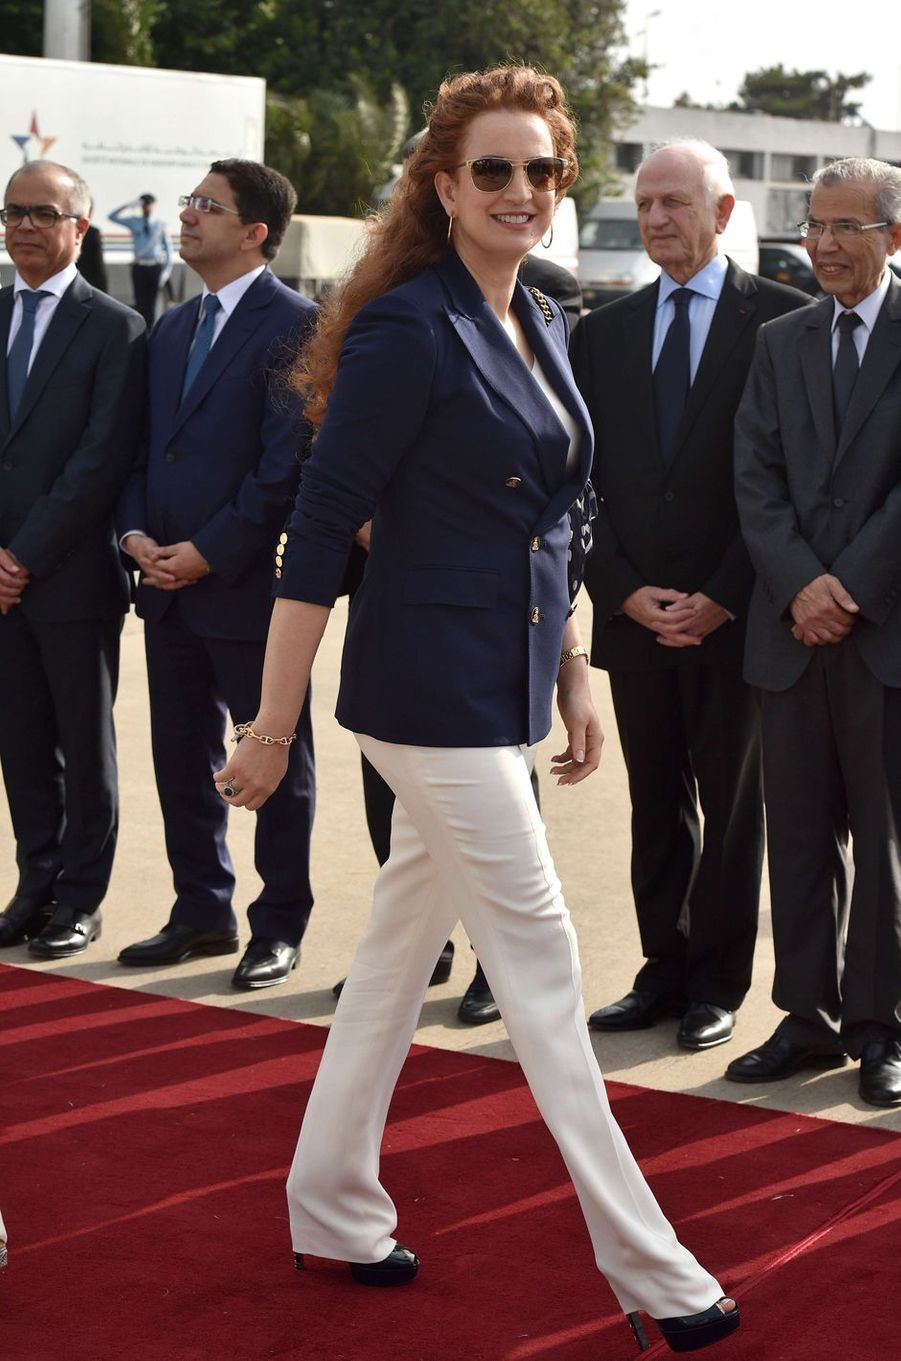 La princesse Lalla Salma du Maroc à Rabat, le 14 juin 2017